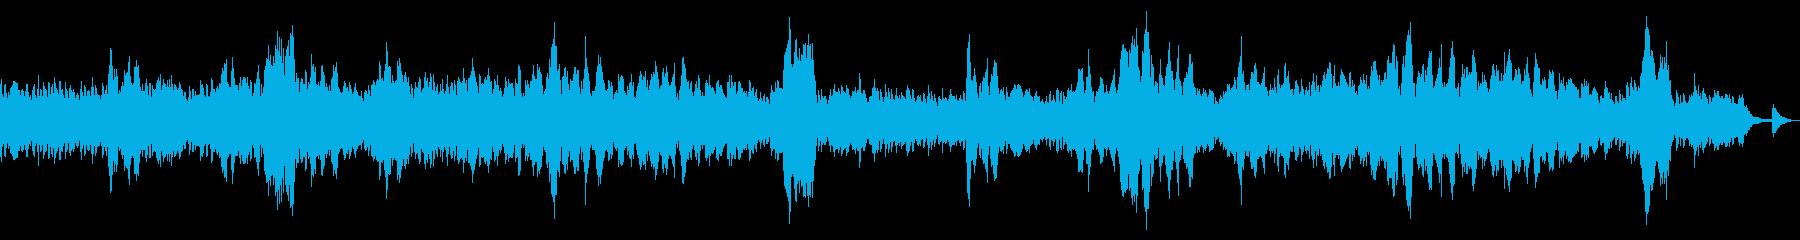 トスティのセレナータ 軽快なクラシック の再生済みの波形